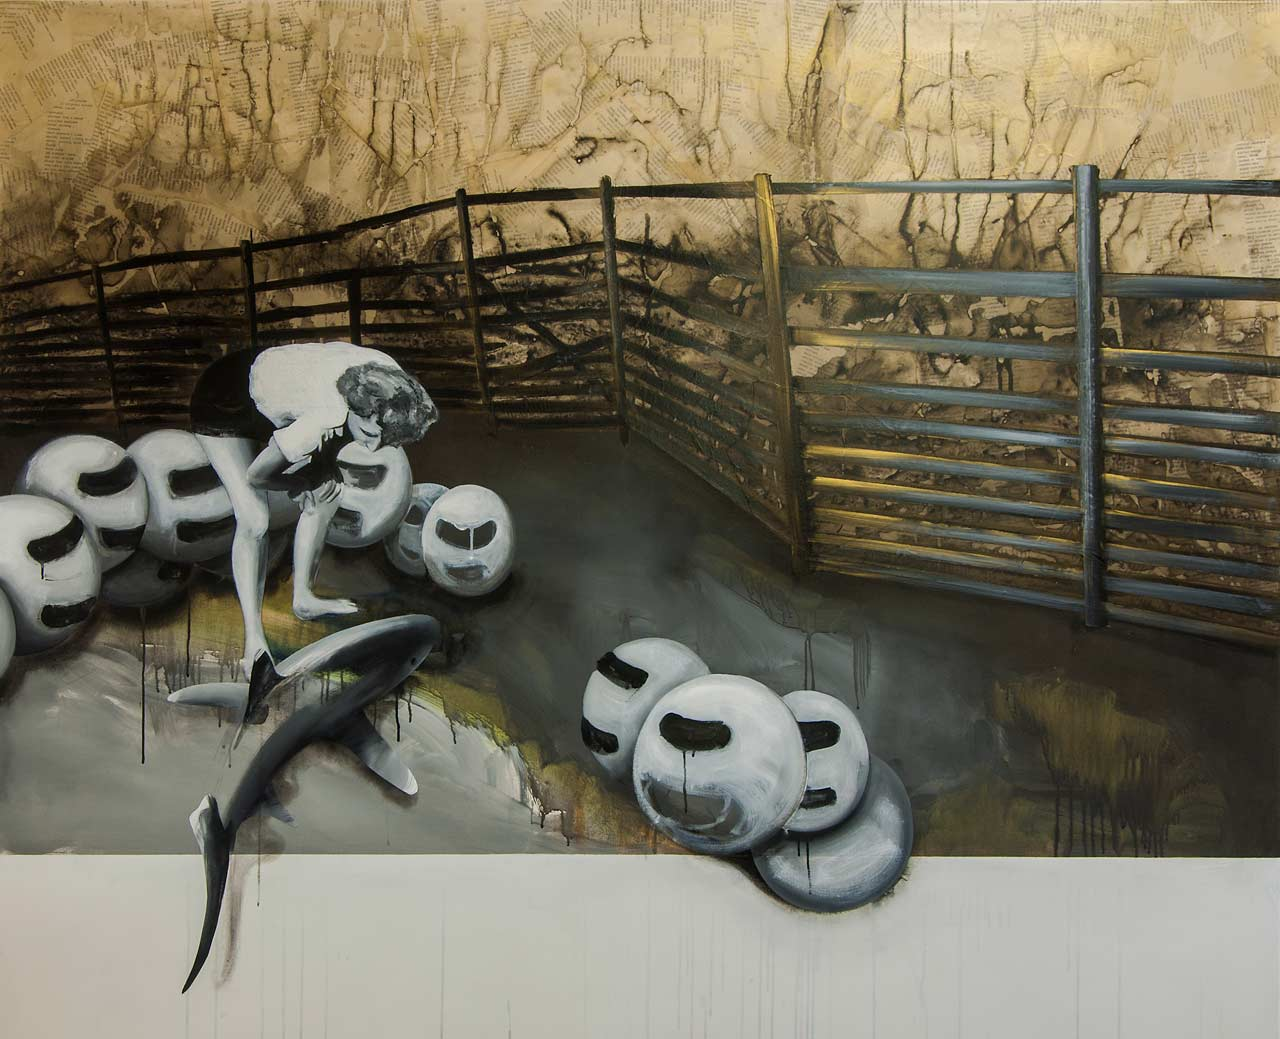 Oběť přinésti, za své činy budeš odměněn - akryl na plátně, 165 x 200 cm, 2017